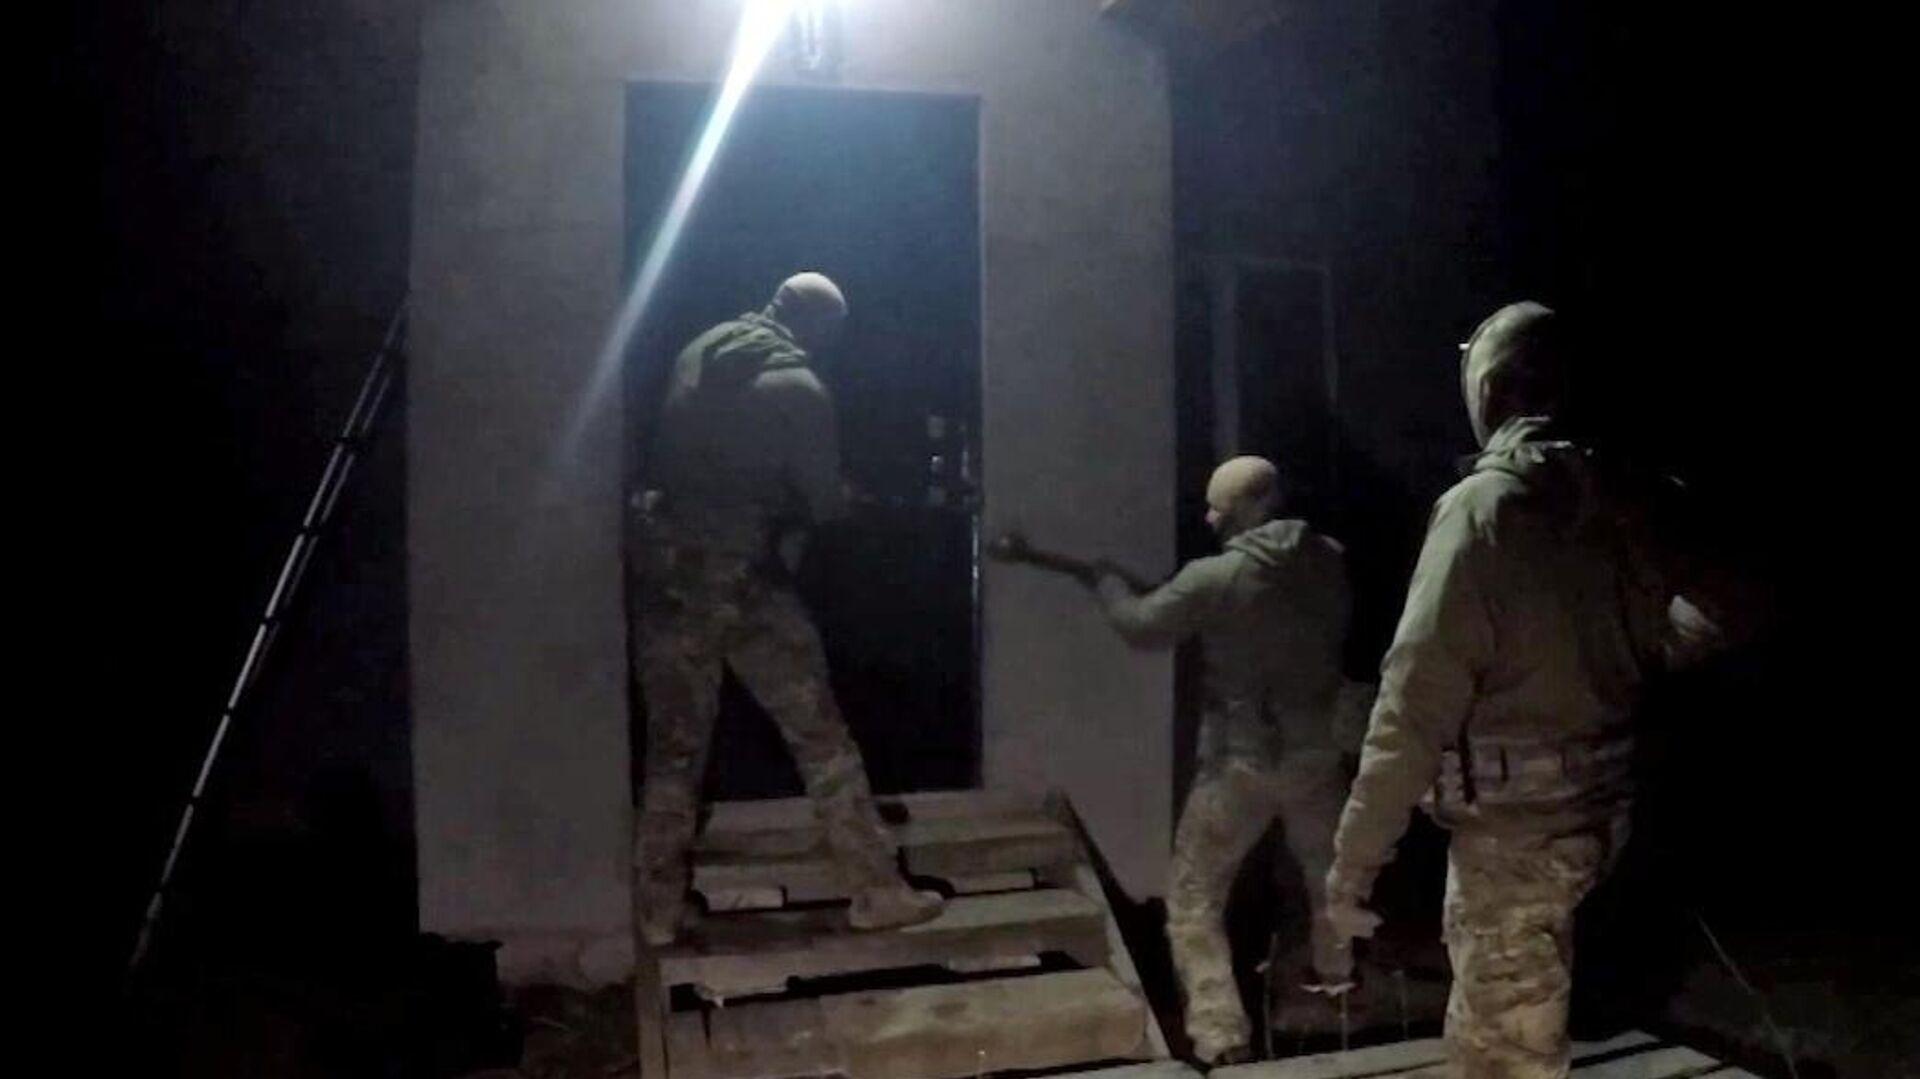 Los agentes del servicio de seguridad ruso FSB frustran un atentado en la provincia de Kaliningrado - Sputnik Mundo, 1920, 04.03.2021